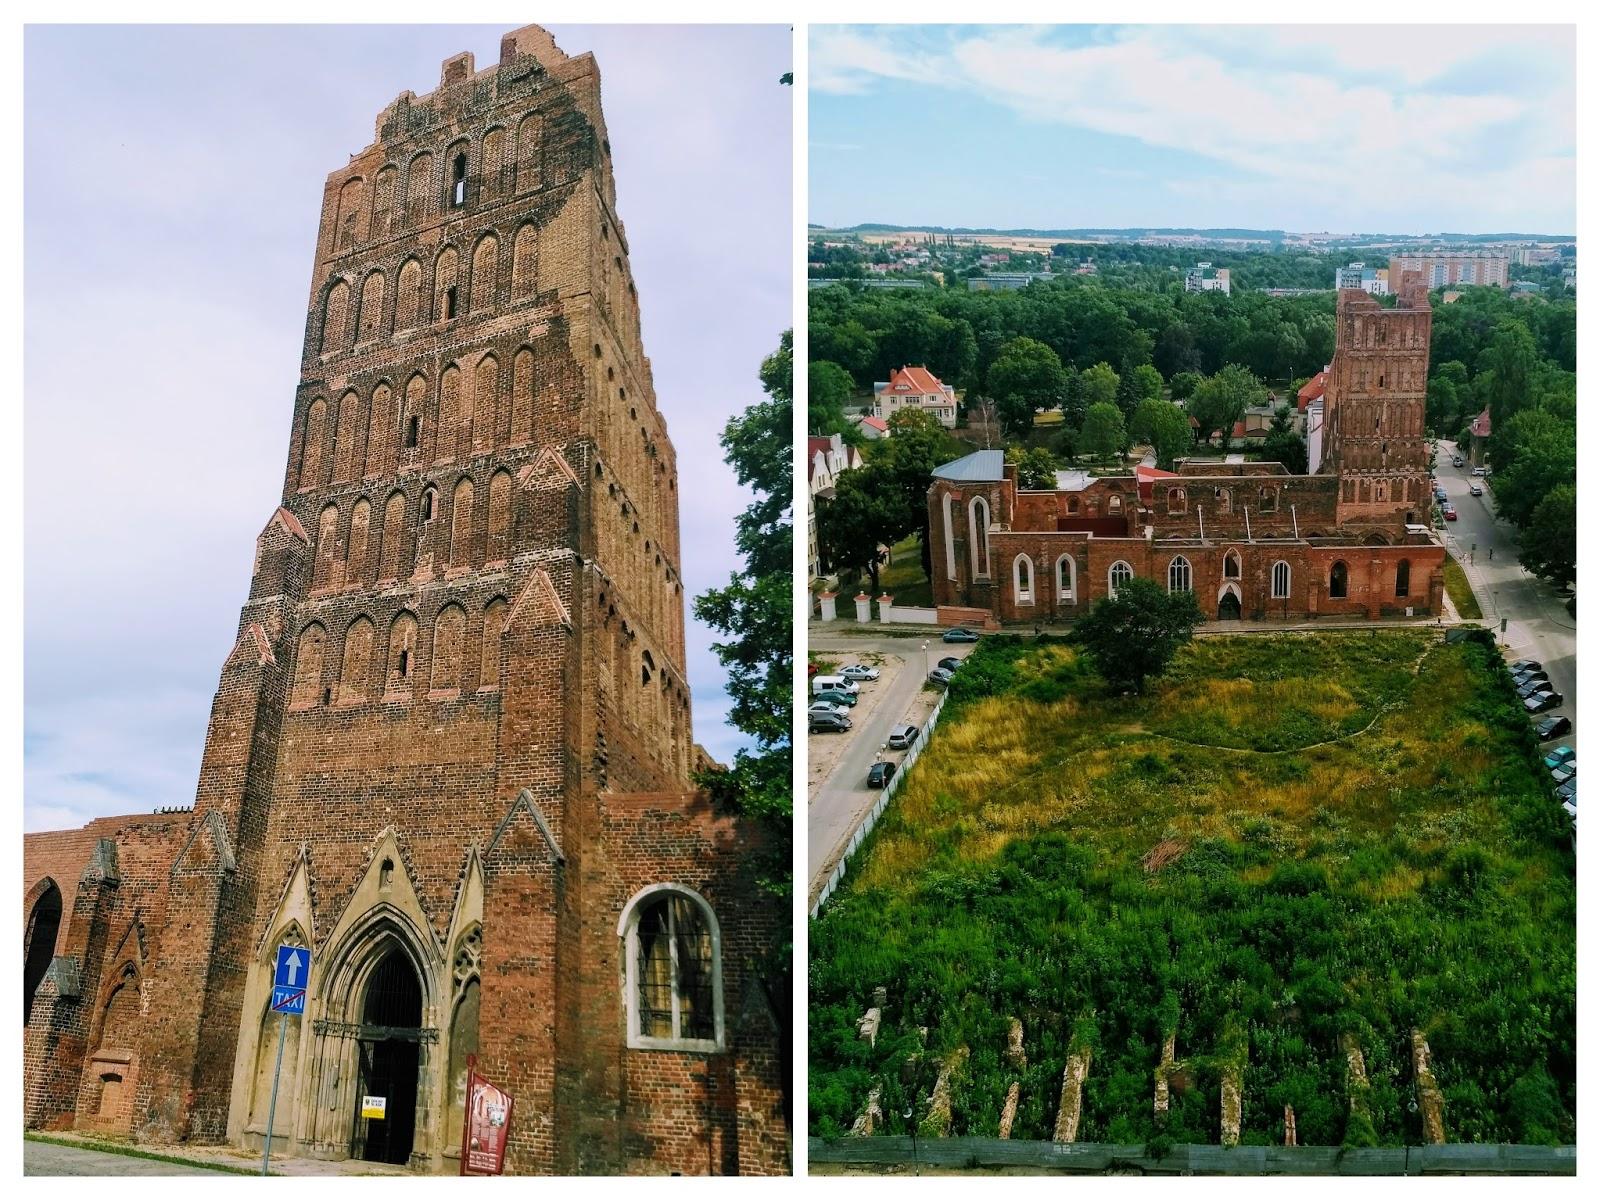 ruiny kościoła św. Mikołaja i pozostałości starego miasta w Głogowie - widok z wieży ratuszowej